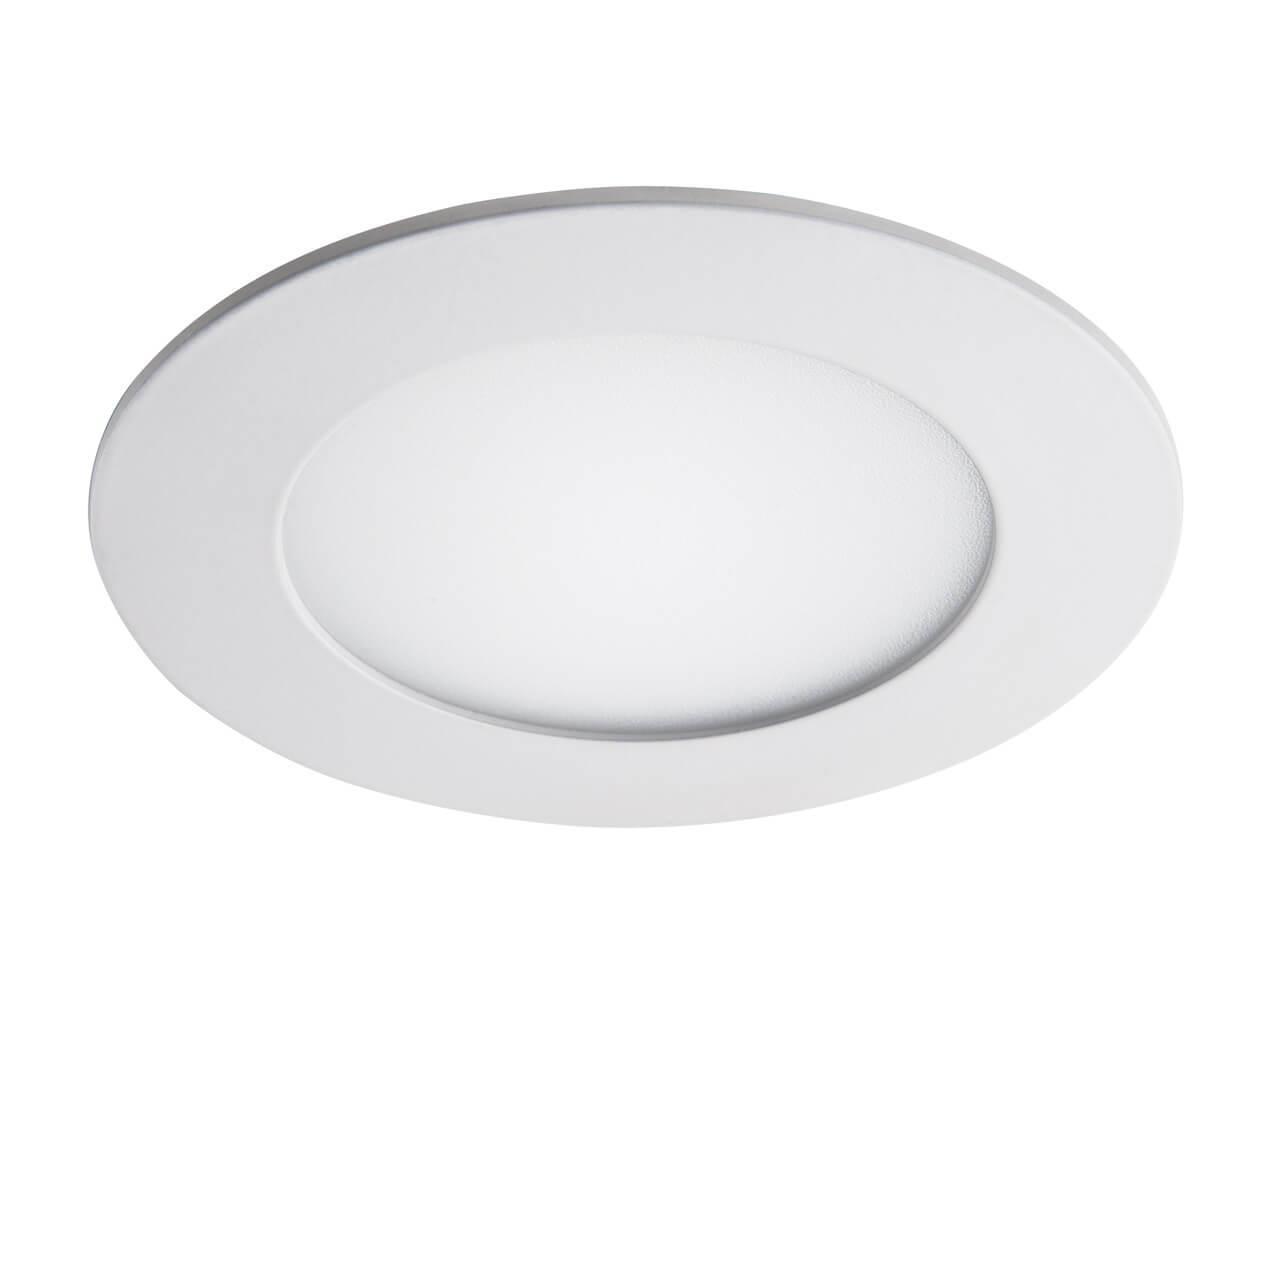 Встраиваемый светильник Lightstar 223064, LED, 6 Вт встраиваемый светильник lightstar led 6 вт